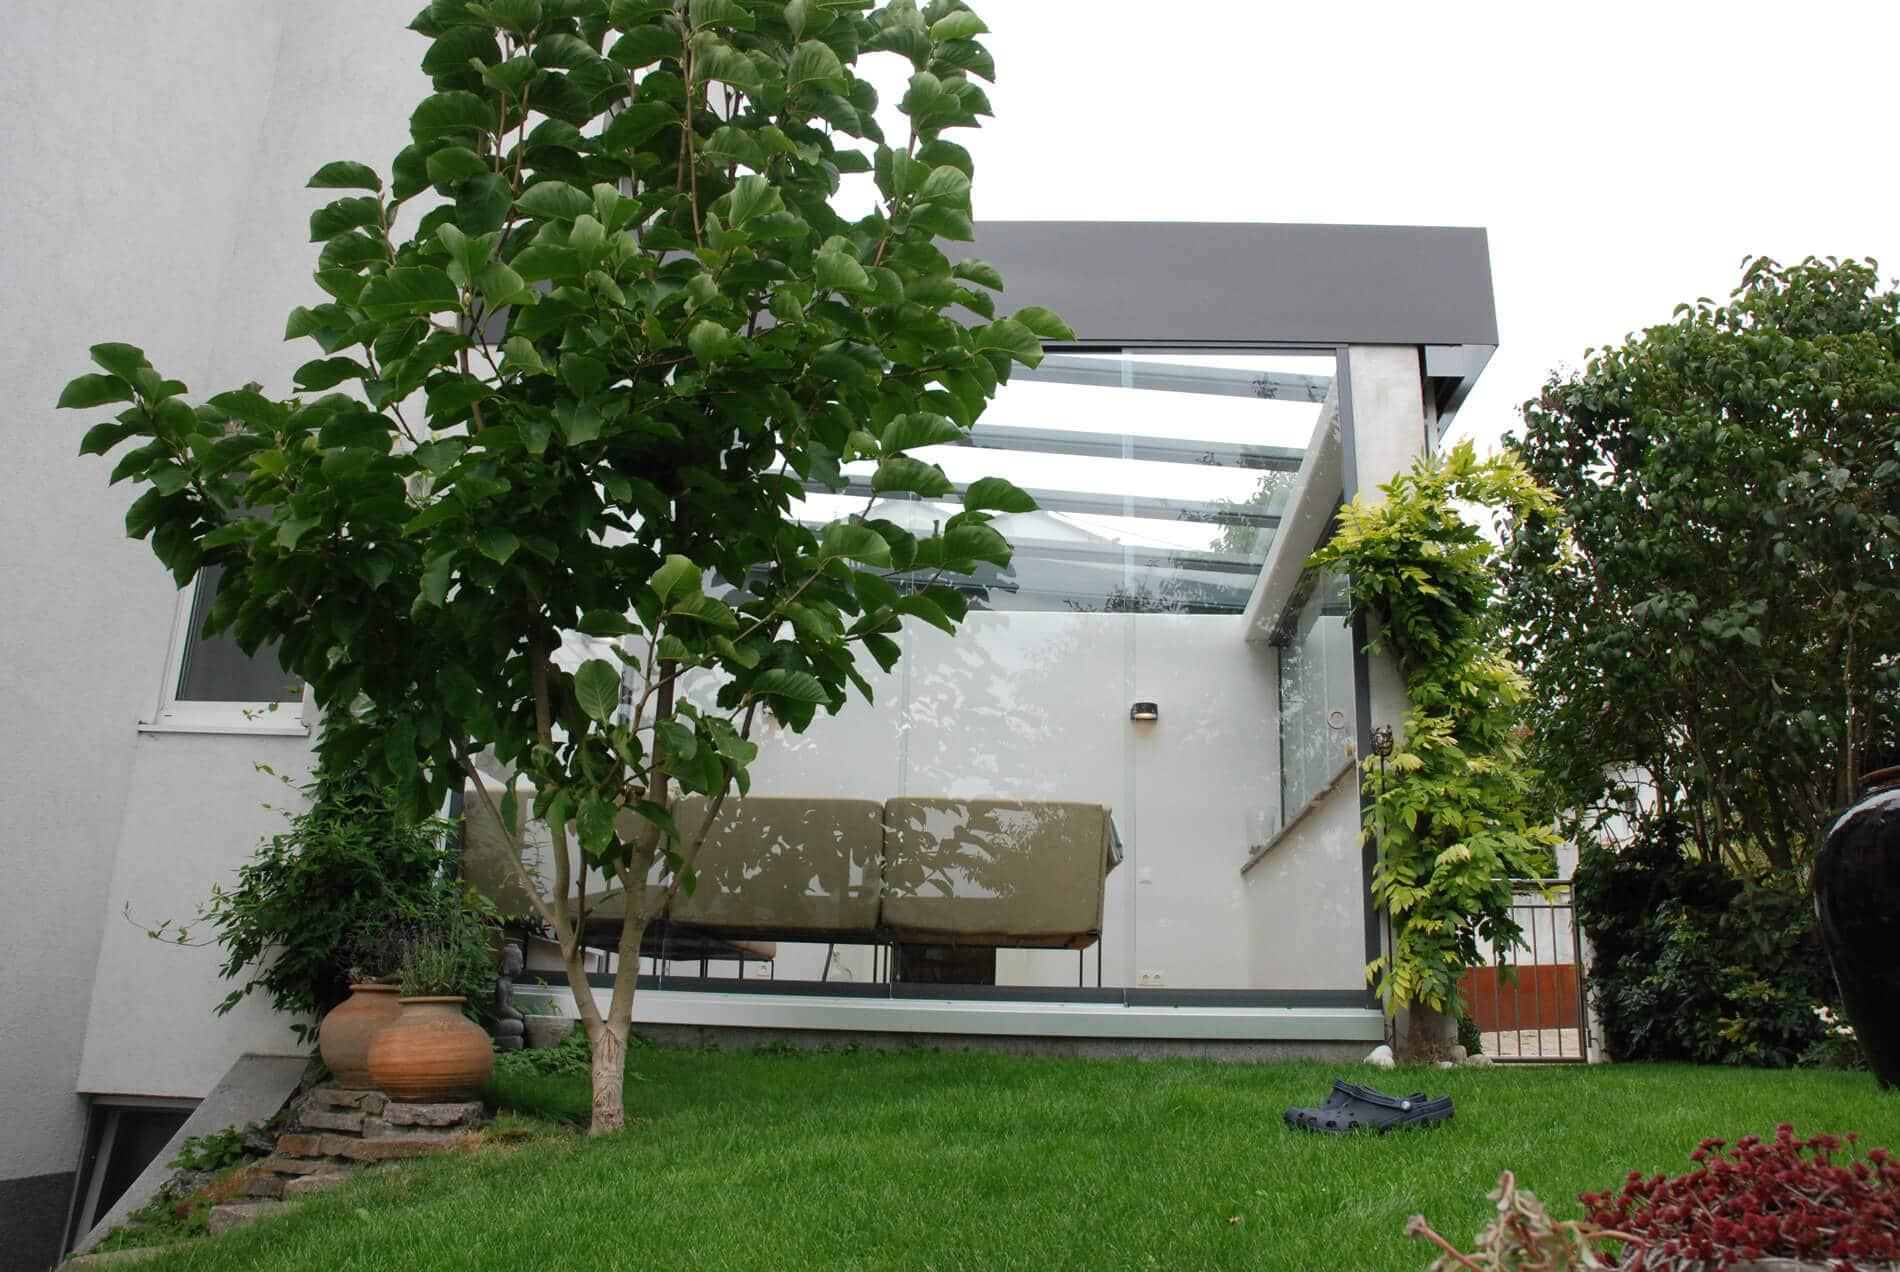 Glasschiebewand für Terrasse als Wetterschutz